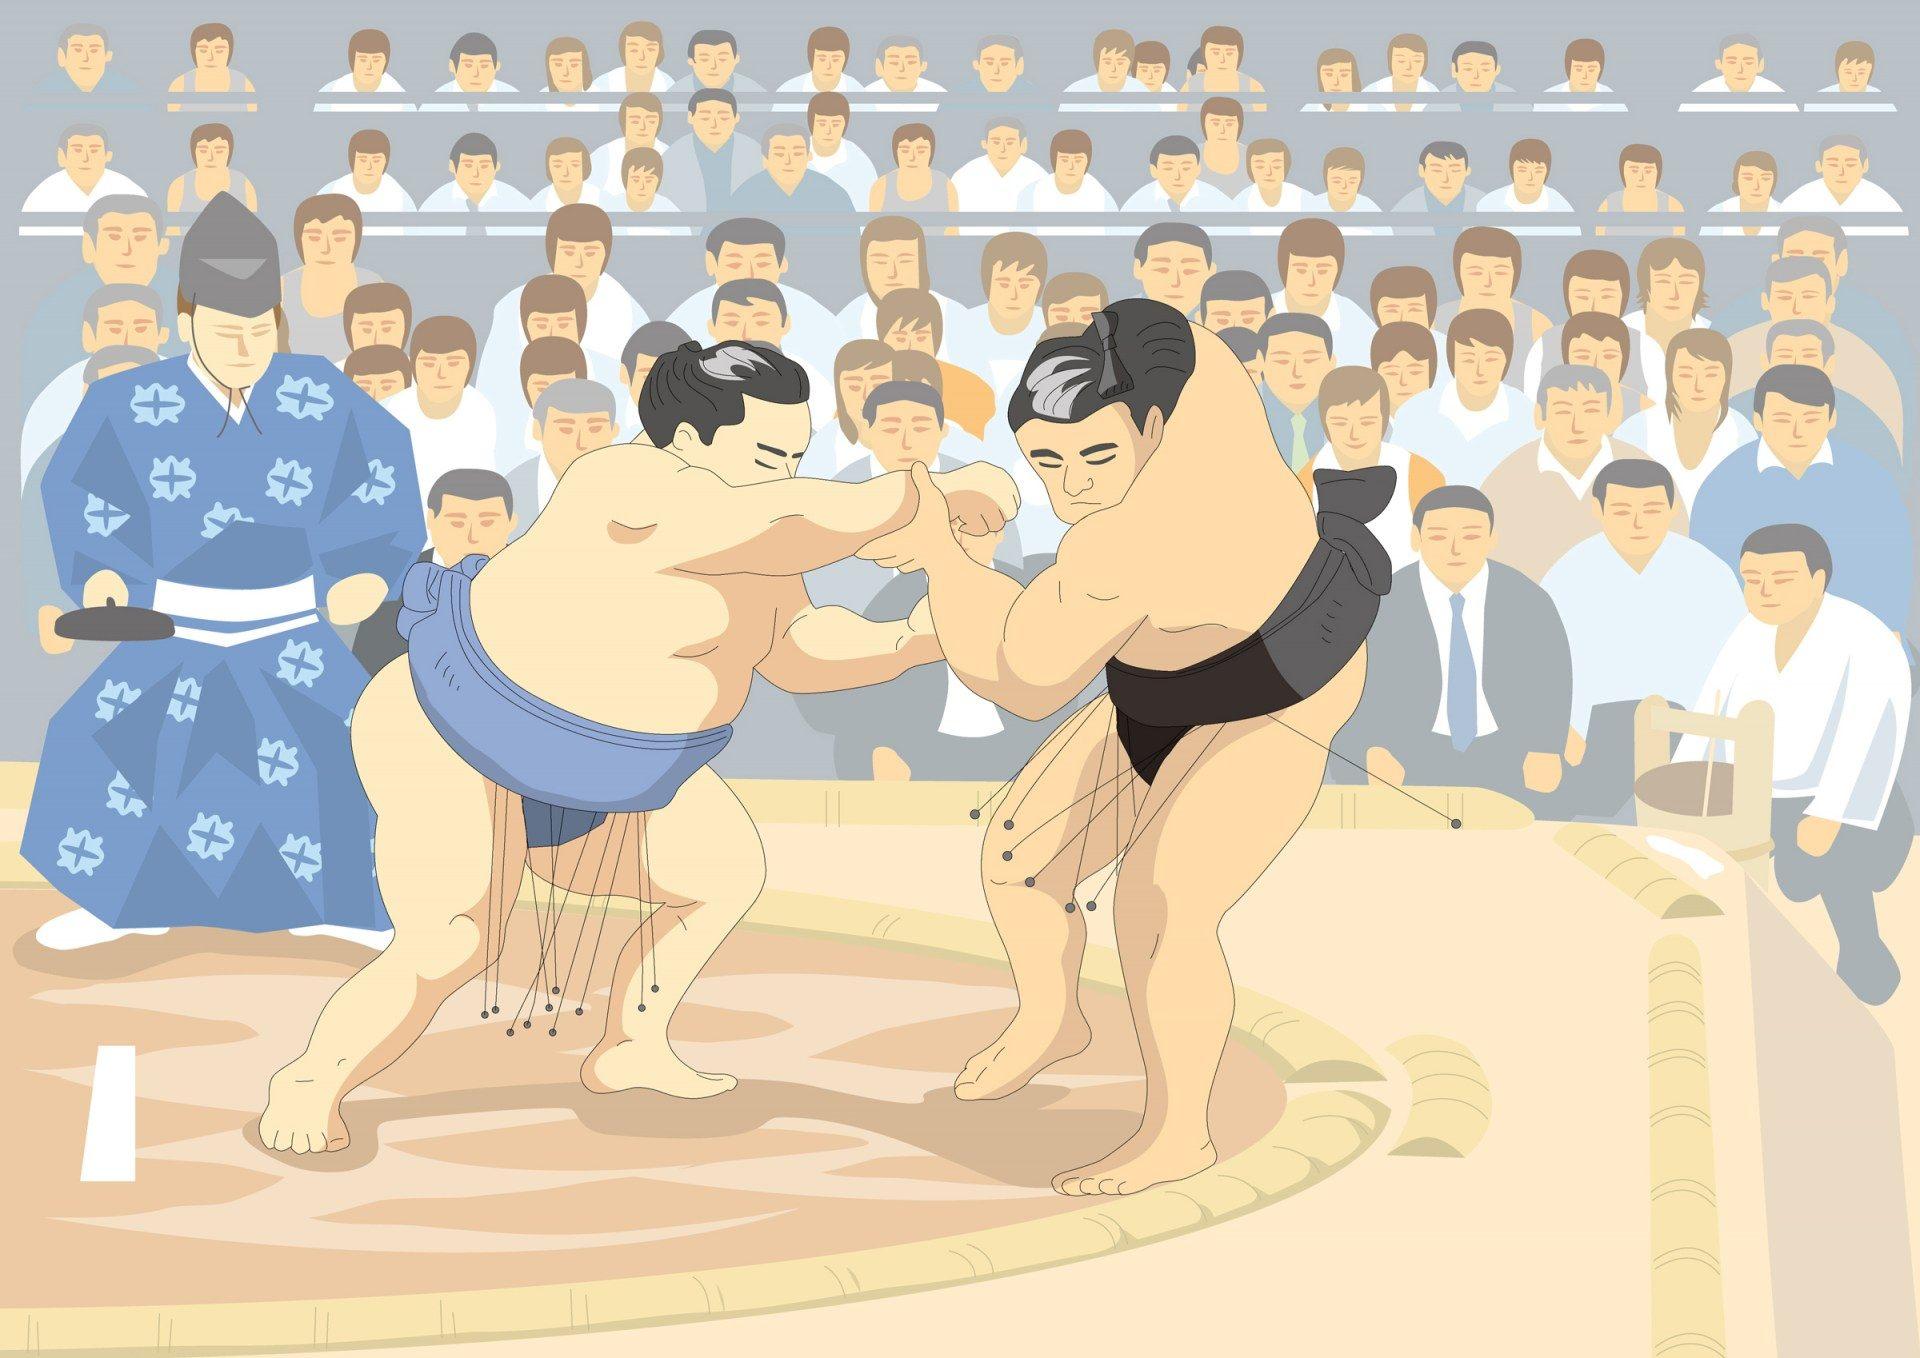 參加相撲比賽的力士